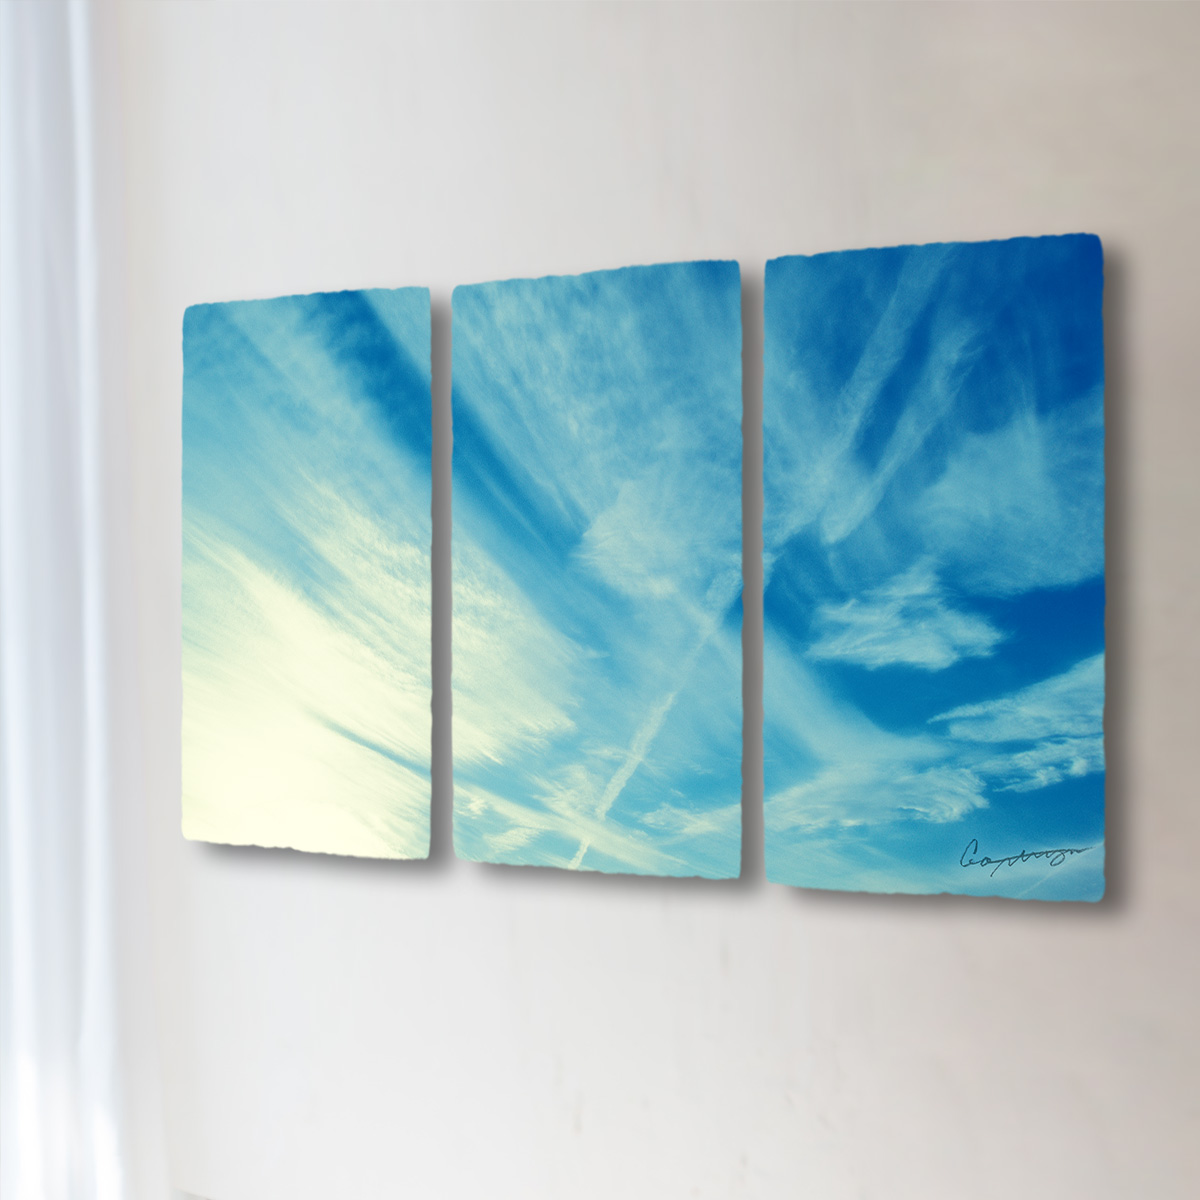 和紙 手作り アートパネル 3枚続き 「筋雲と飛行機雲」(128x72cm) 絵画 絵 ポスター 壁掛け モダン アート 和風 オリジナル インテリア 風景画 ランキング おすすめ おしゃれ 人気 キッチン リビング ダイニング 玄関 和室